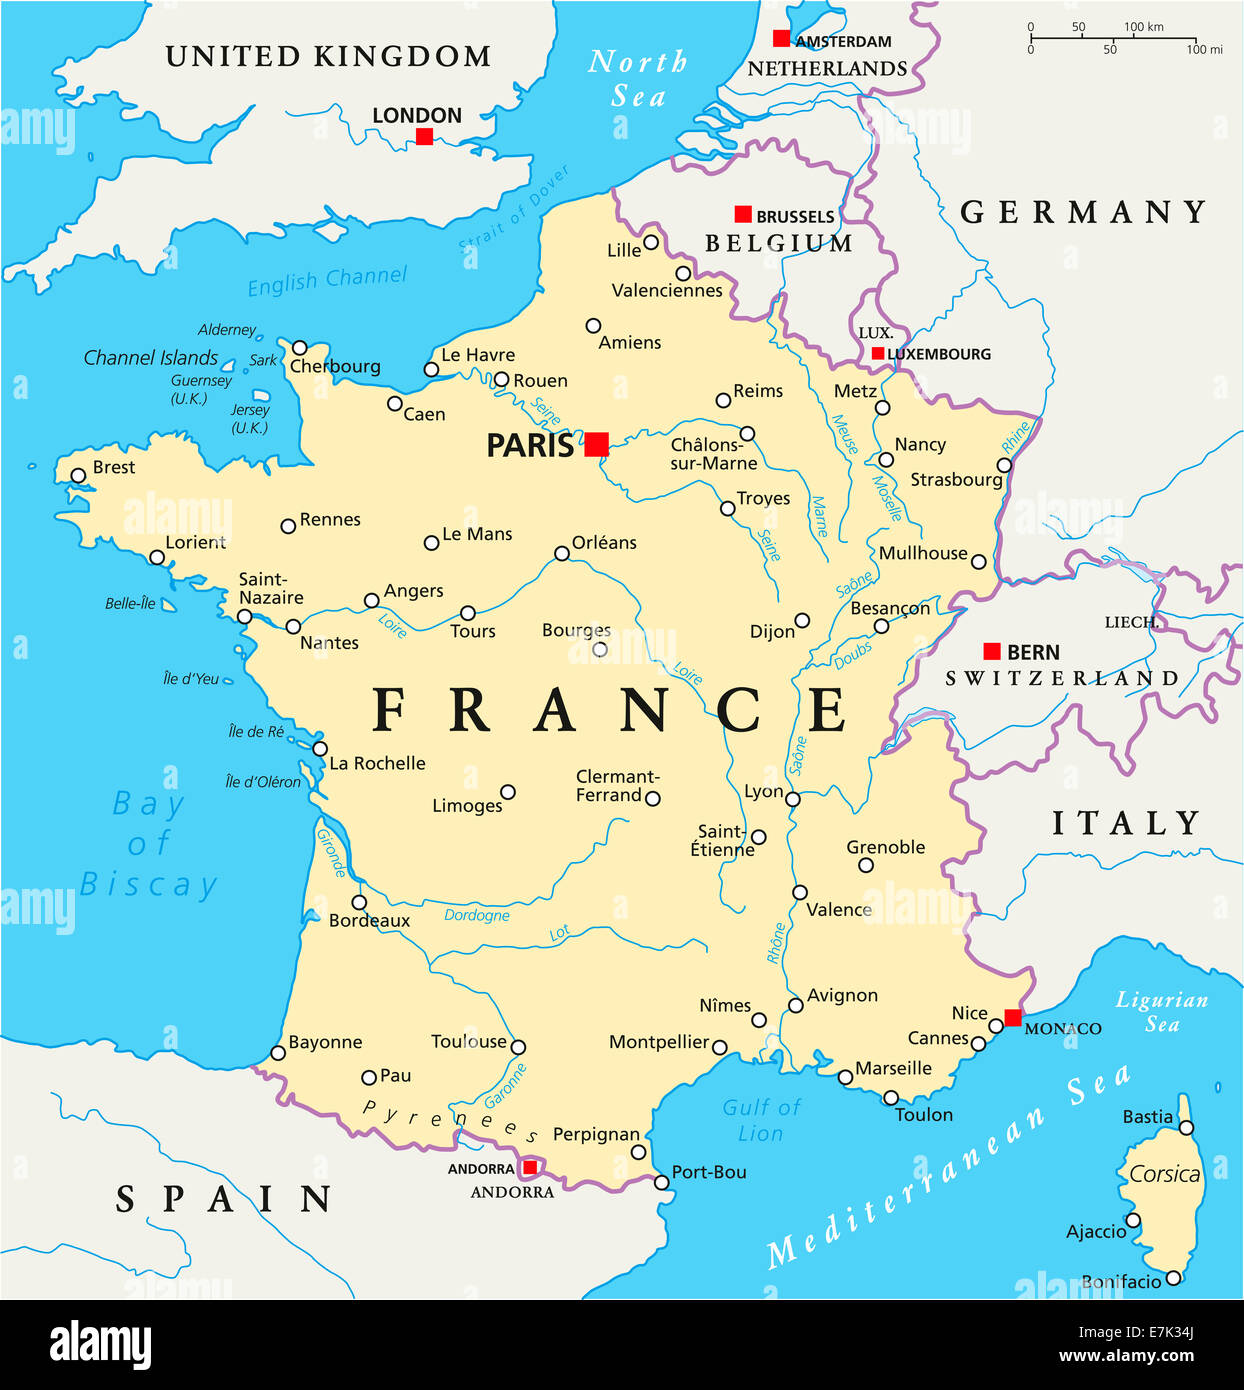 Cartina Francia Con Citta.Francia Mappa Politico Con Capitale Parigi Confini